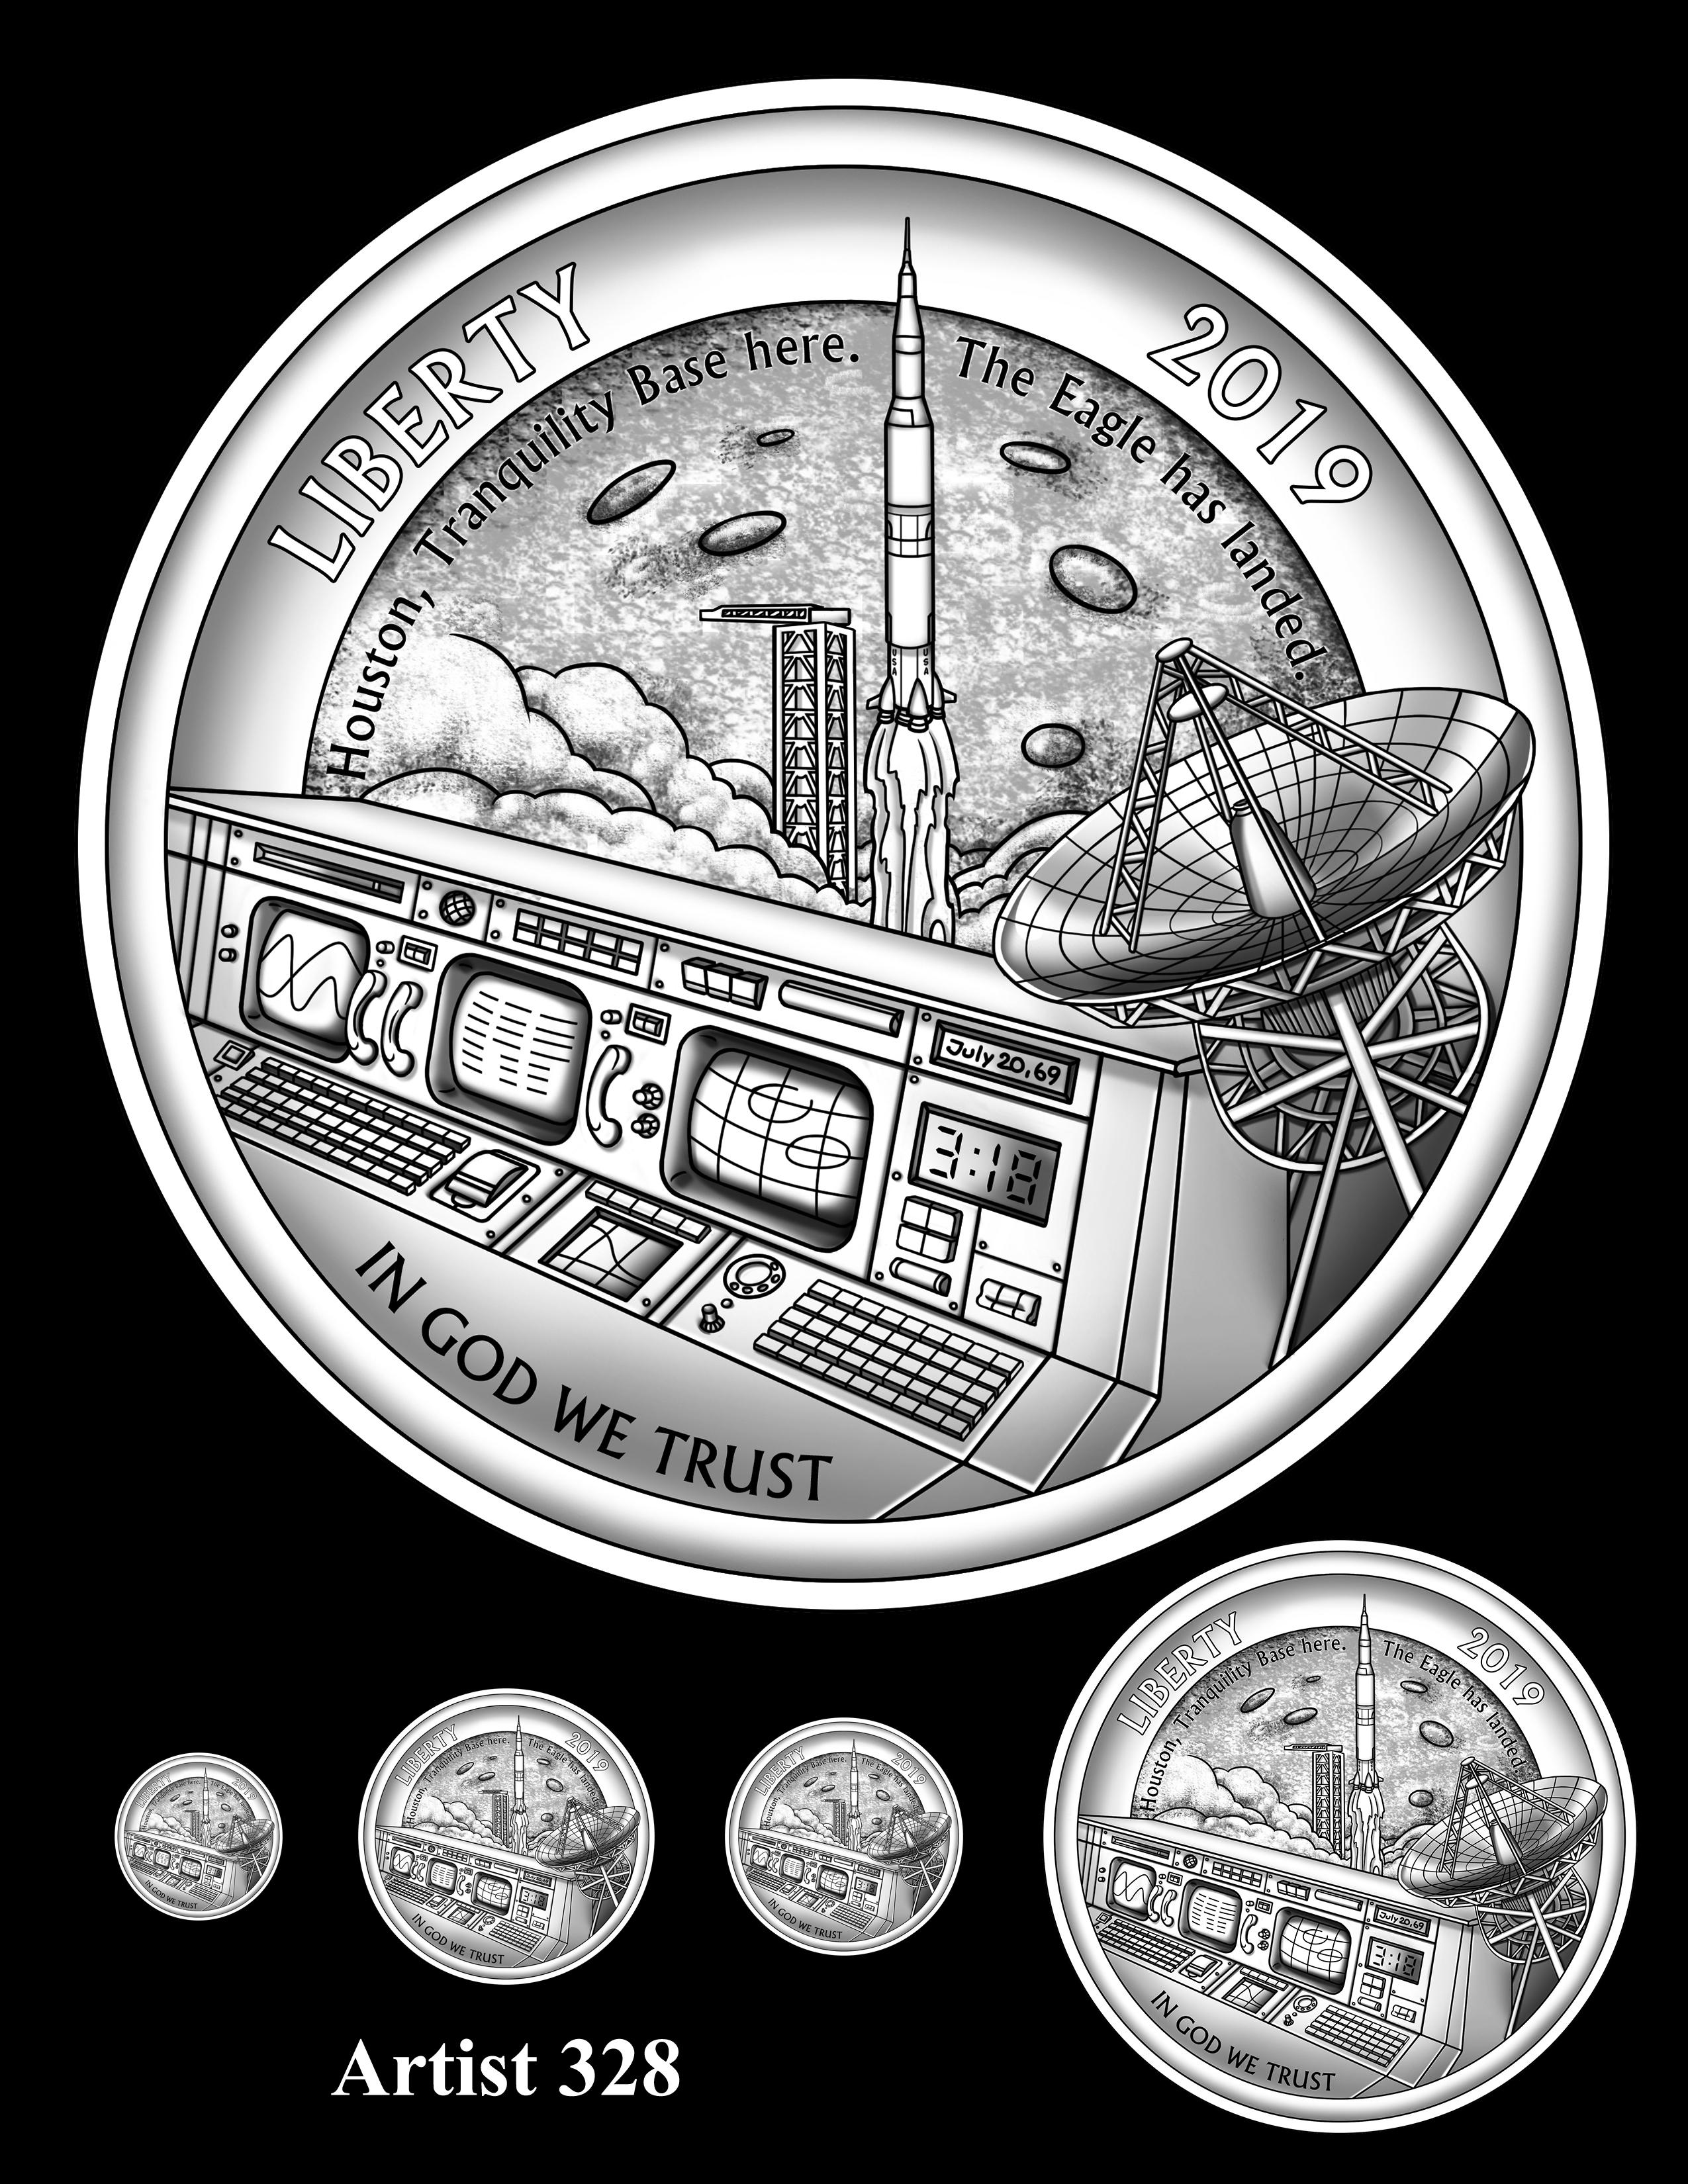 Artist 328 -- Apollo 11 50th Anniversary Commemorative Coin Obverse Design Competition